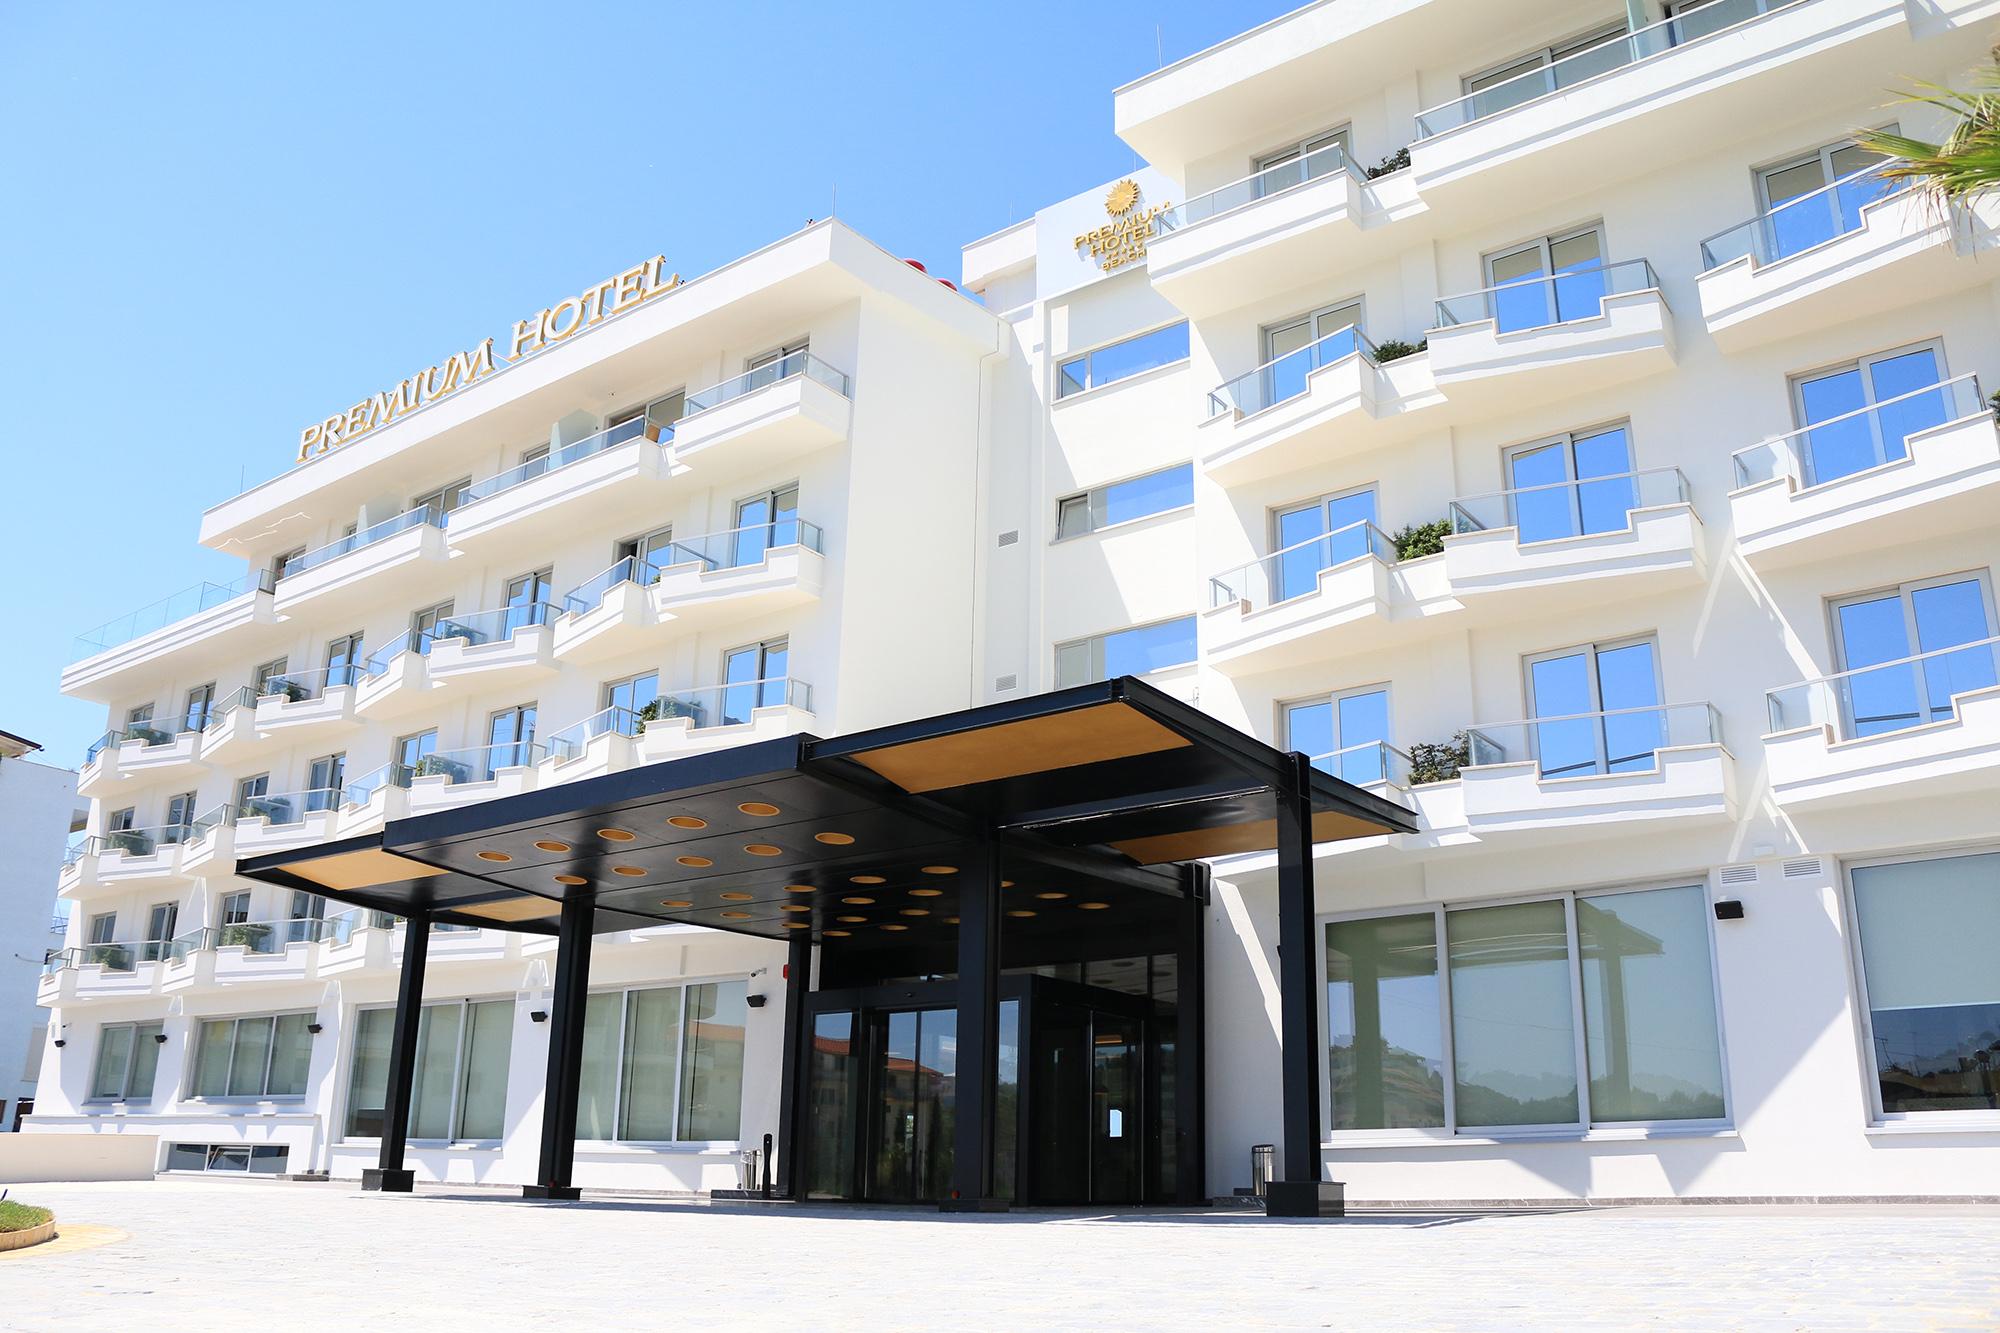 premium beach hotel in durres al loris rossi architect